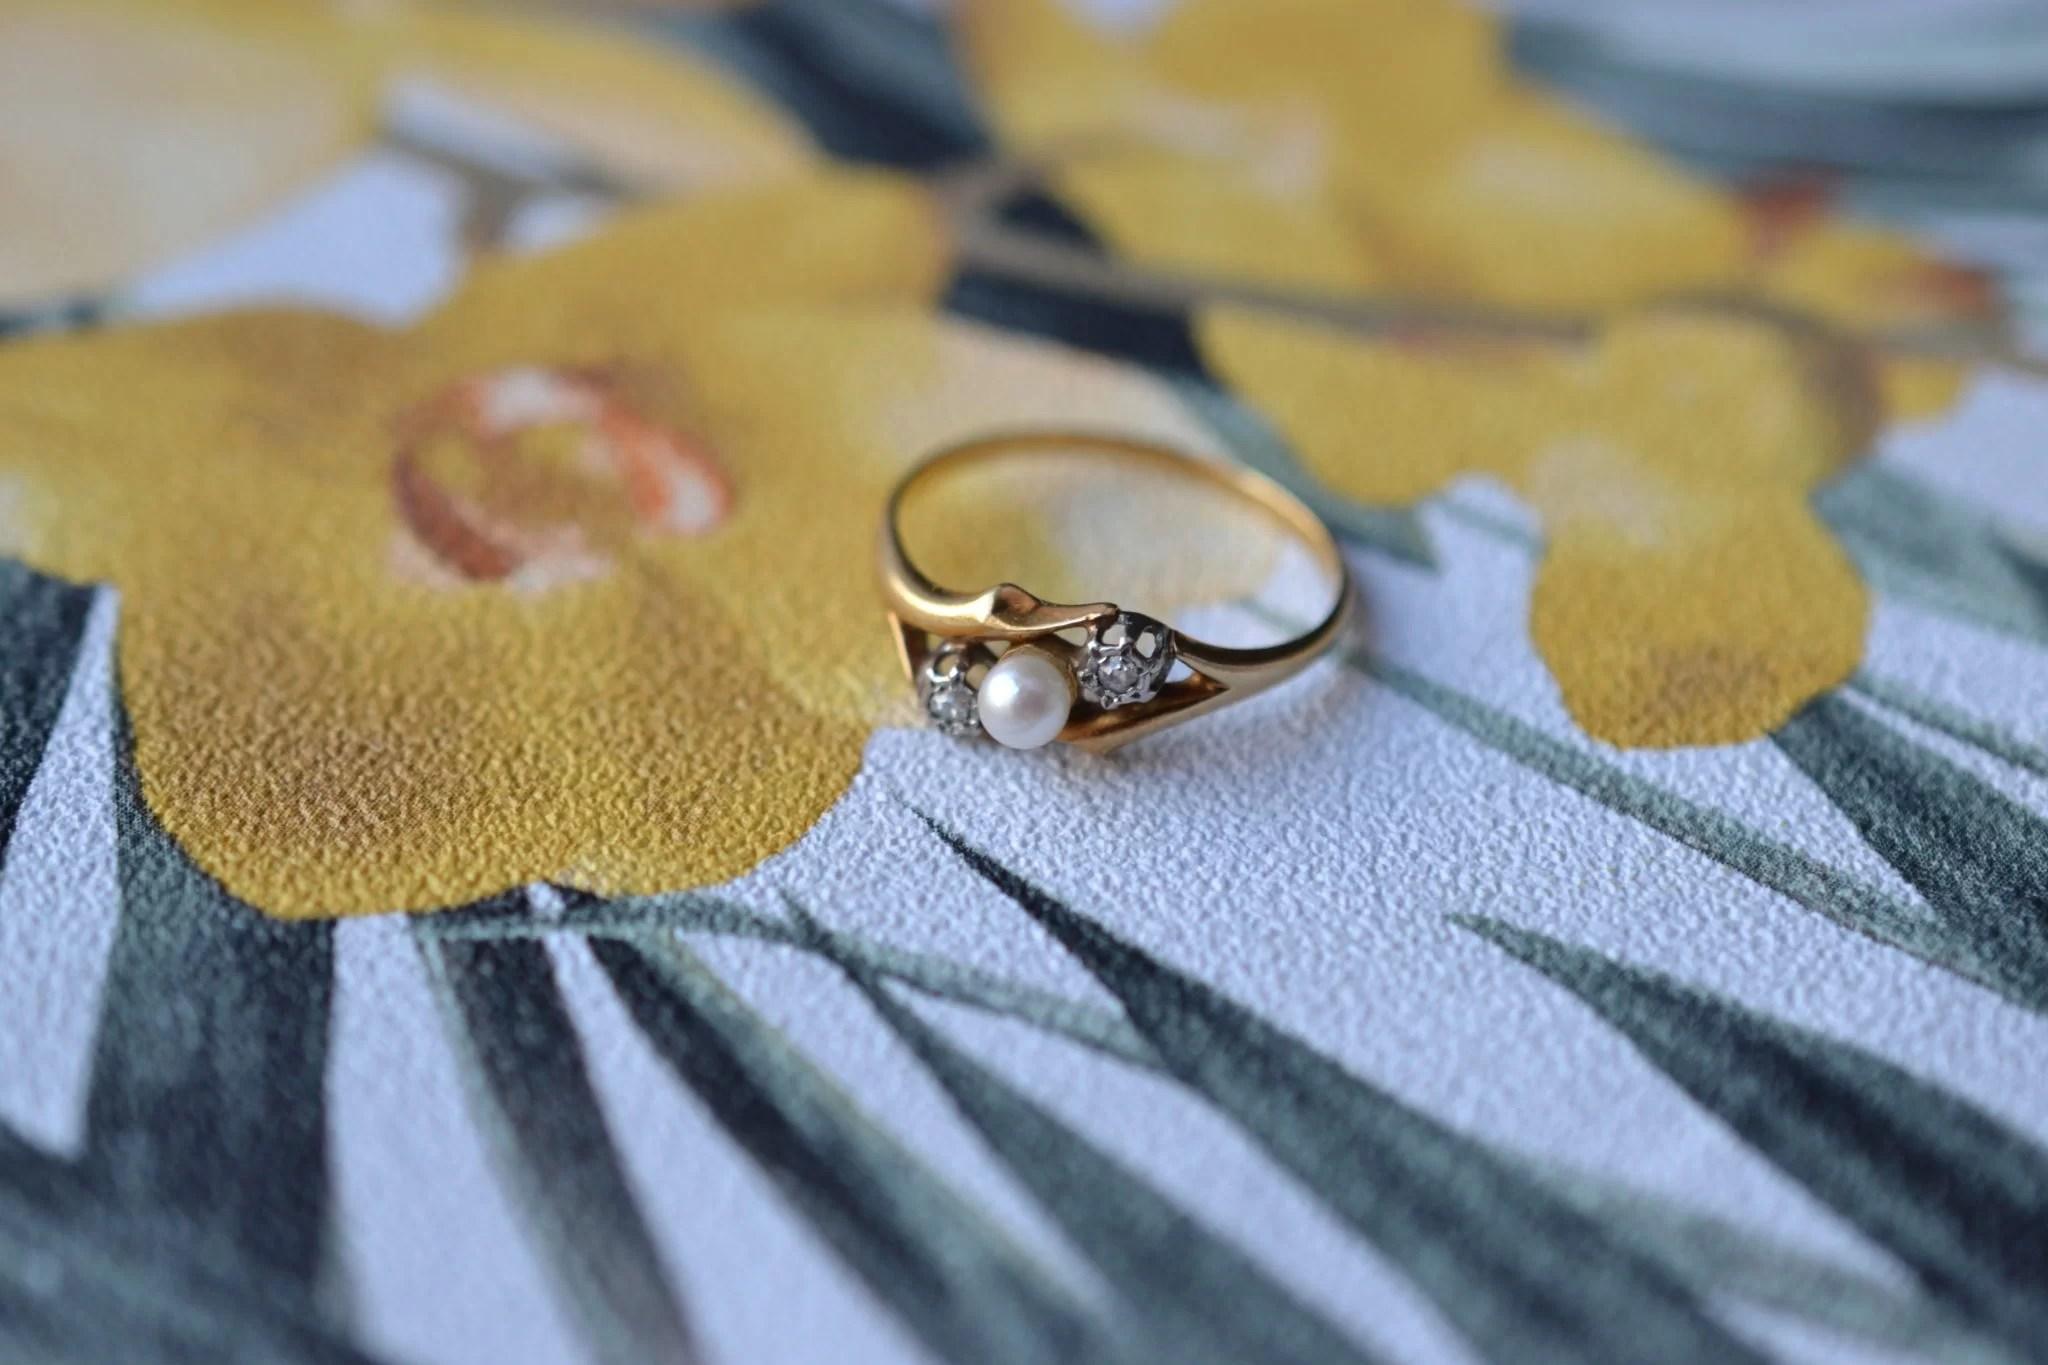 Bague en Or jaune ornée d_une perle bouton entourée de 2 diamants - bague éthique